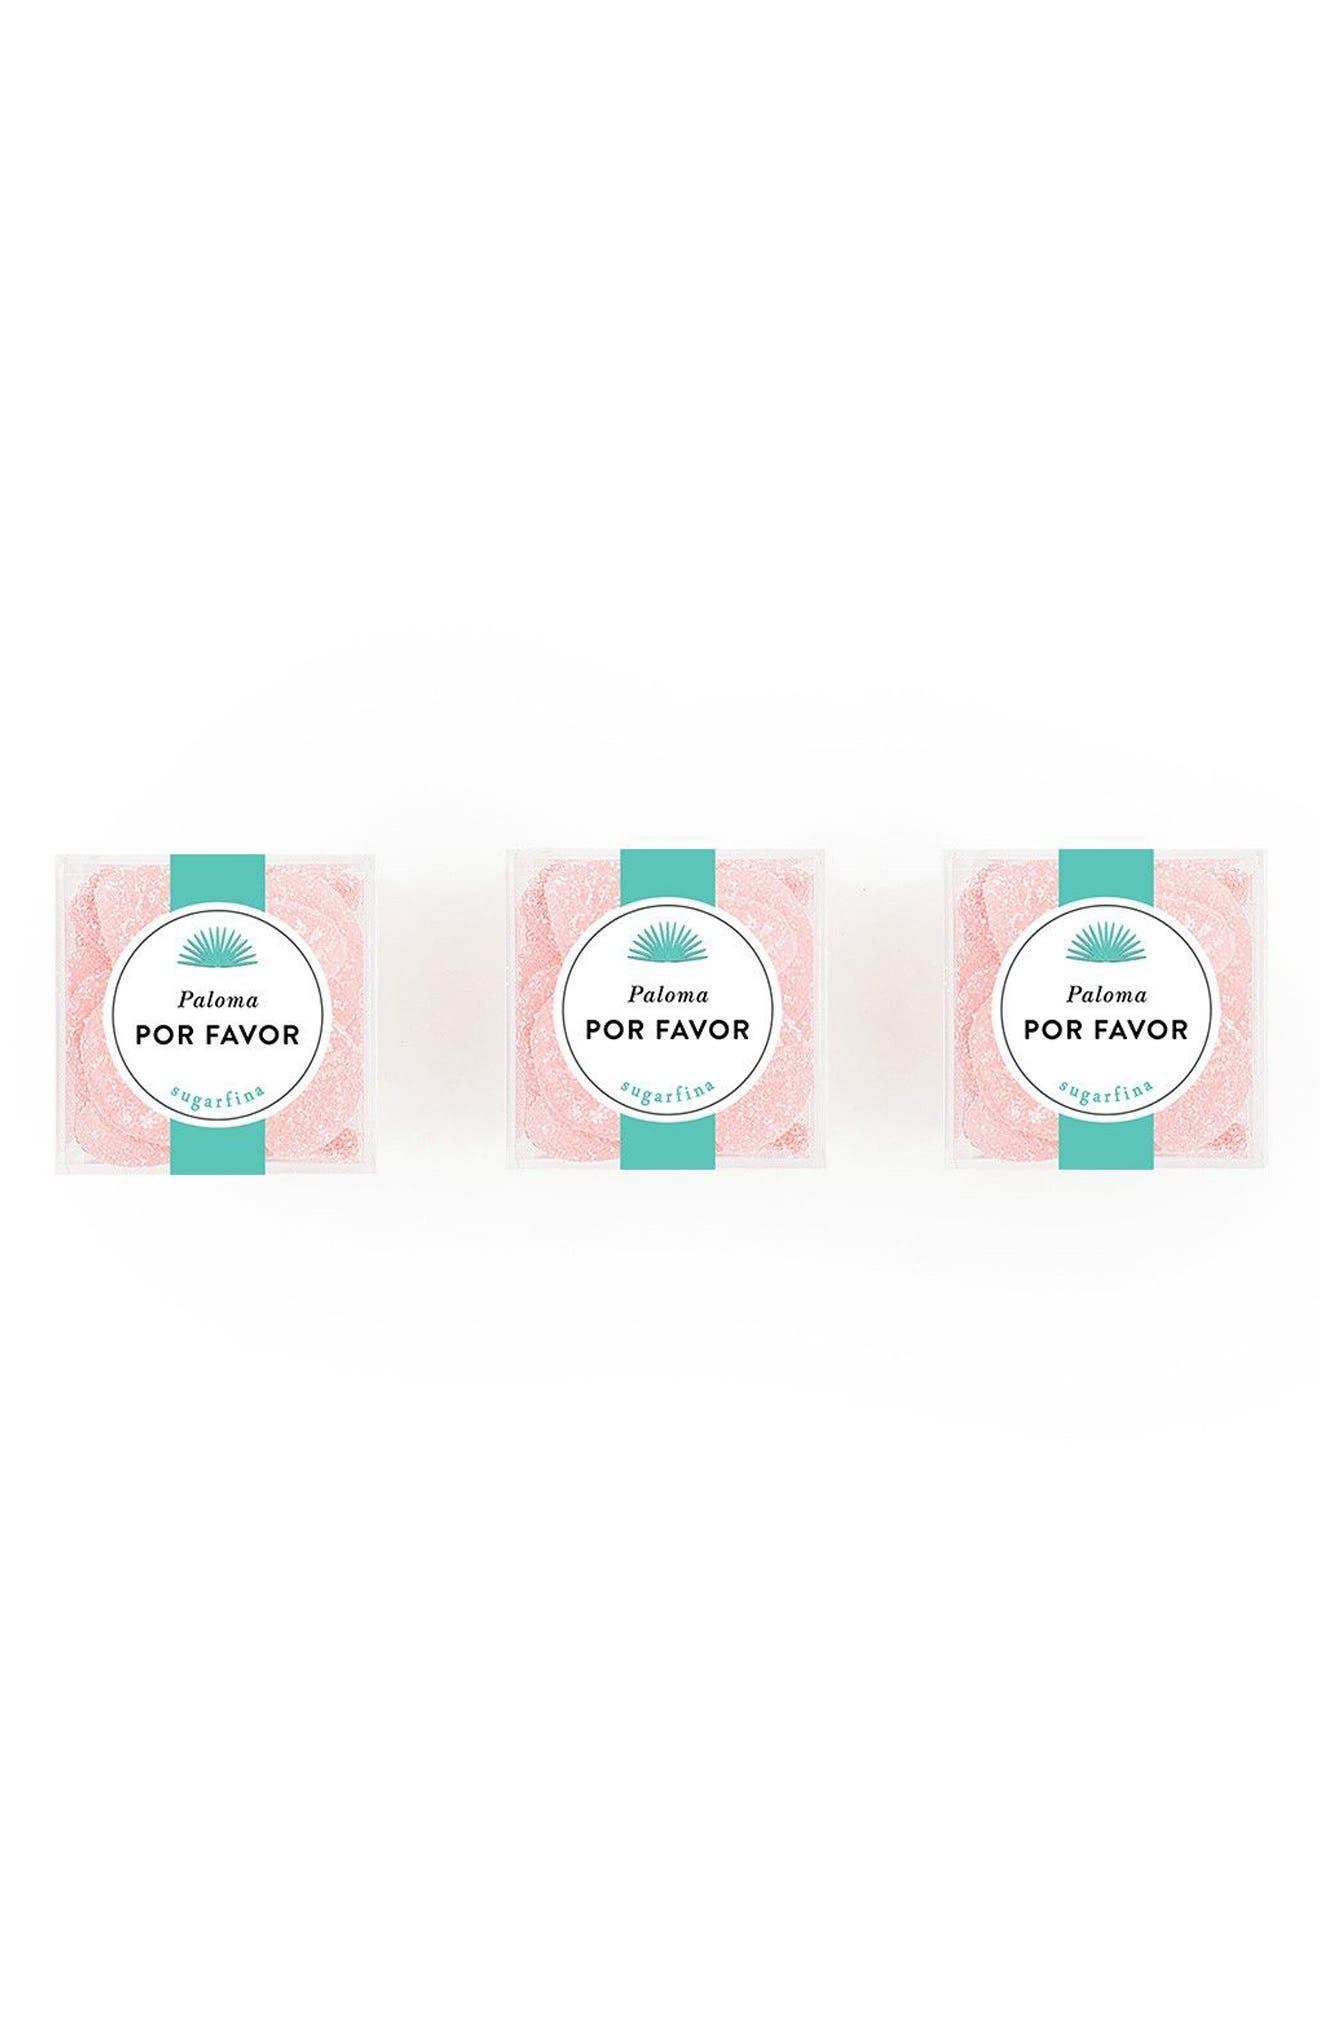 Casamigos - Paloma Por Favor Tequila Grapefruit Sours Gift Set,                         Main,                         color, Pink